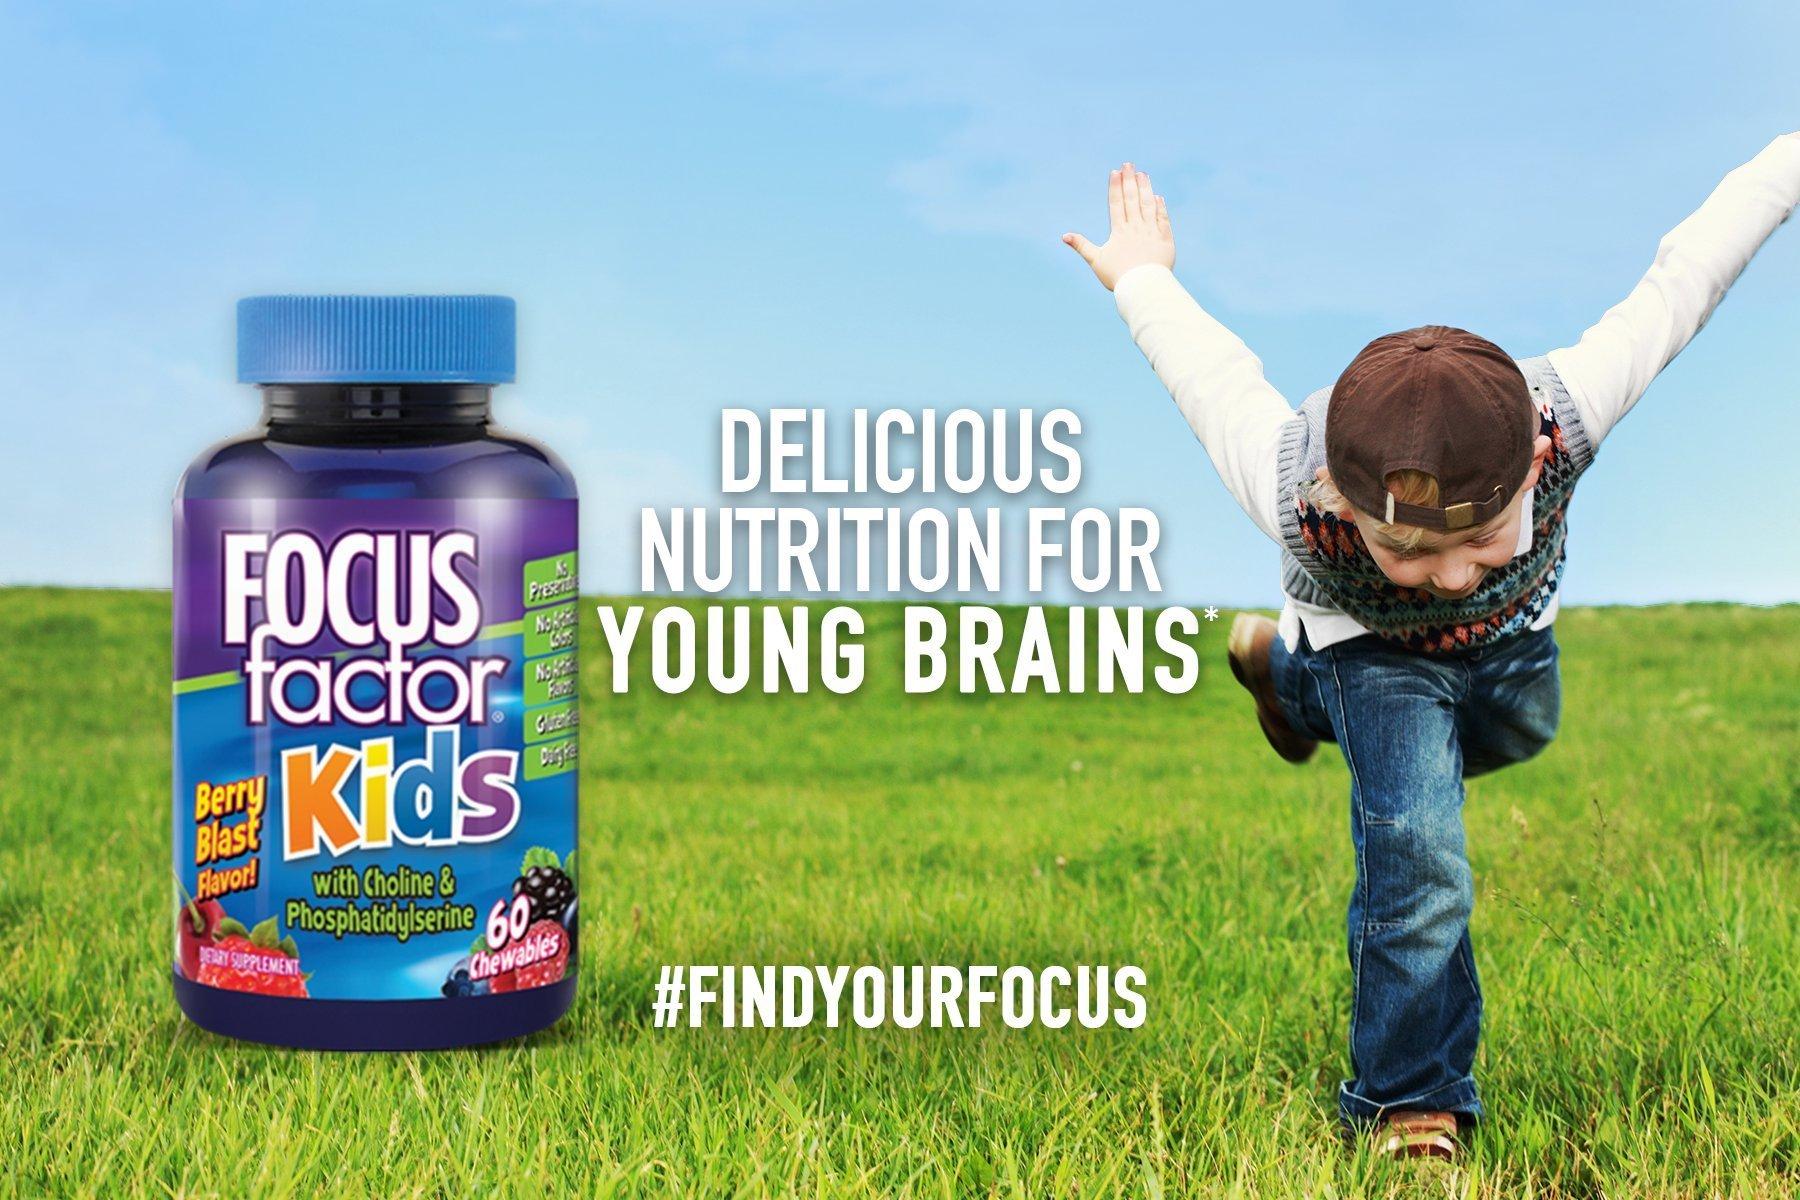 Thành phẩn chính chứa trong mỗi viên focus factor for kids